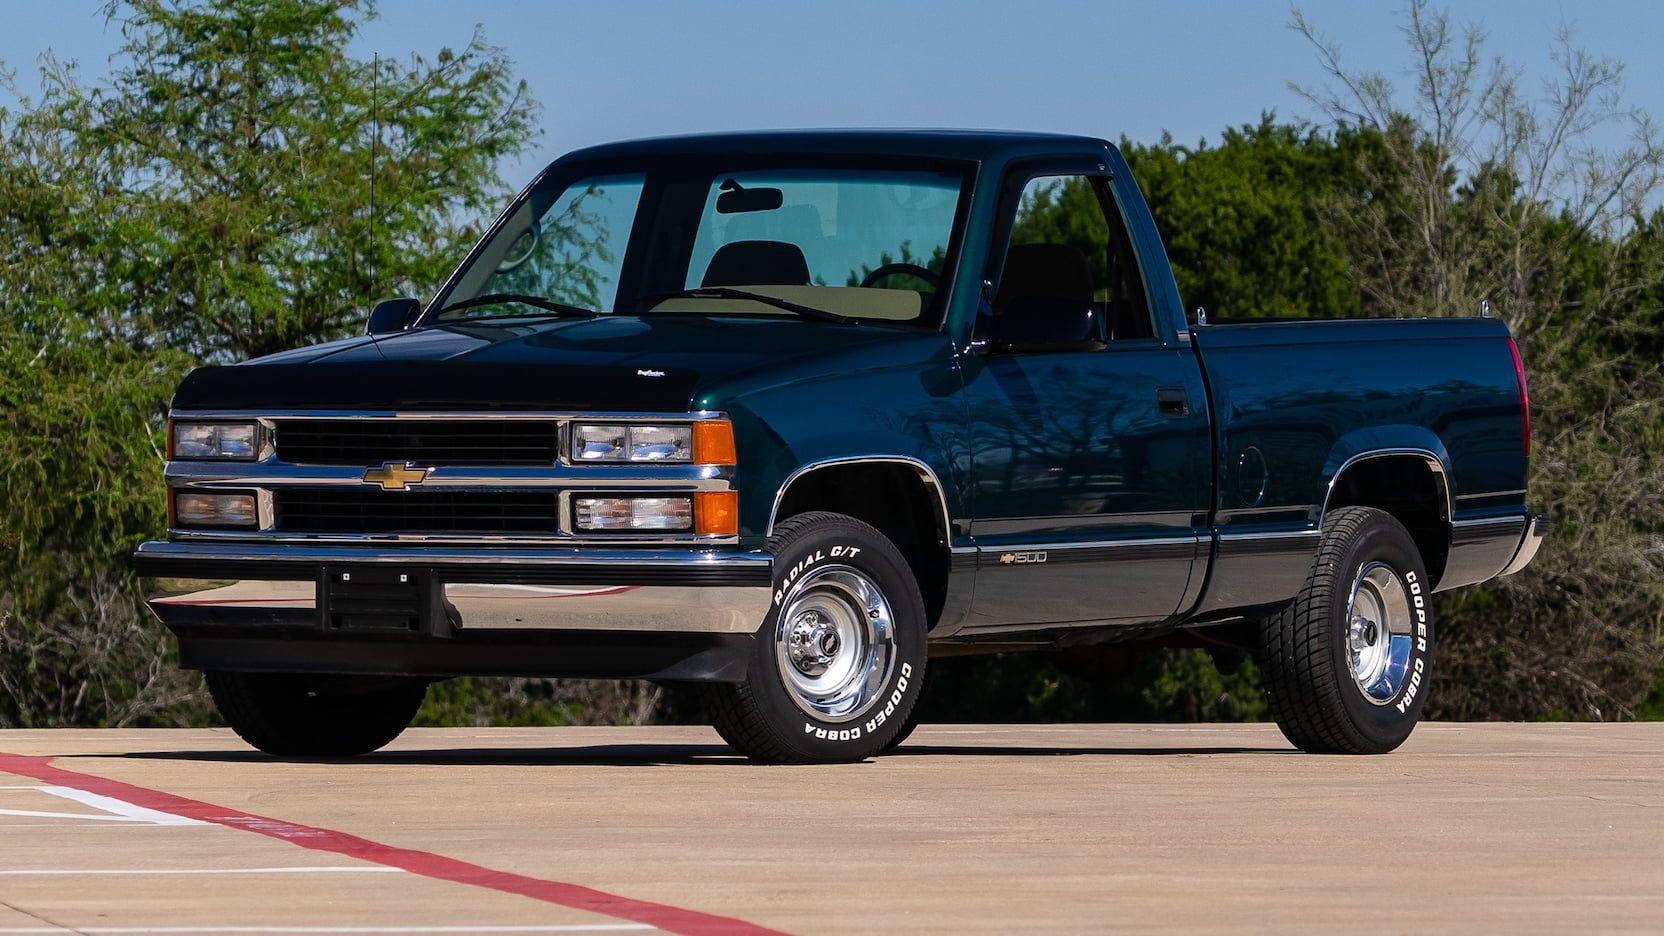 1995 Chevrolet Ck1500 Pickup T125 Houston 2019 Chevrolet Mecum Obs Truck